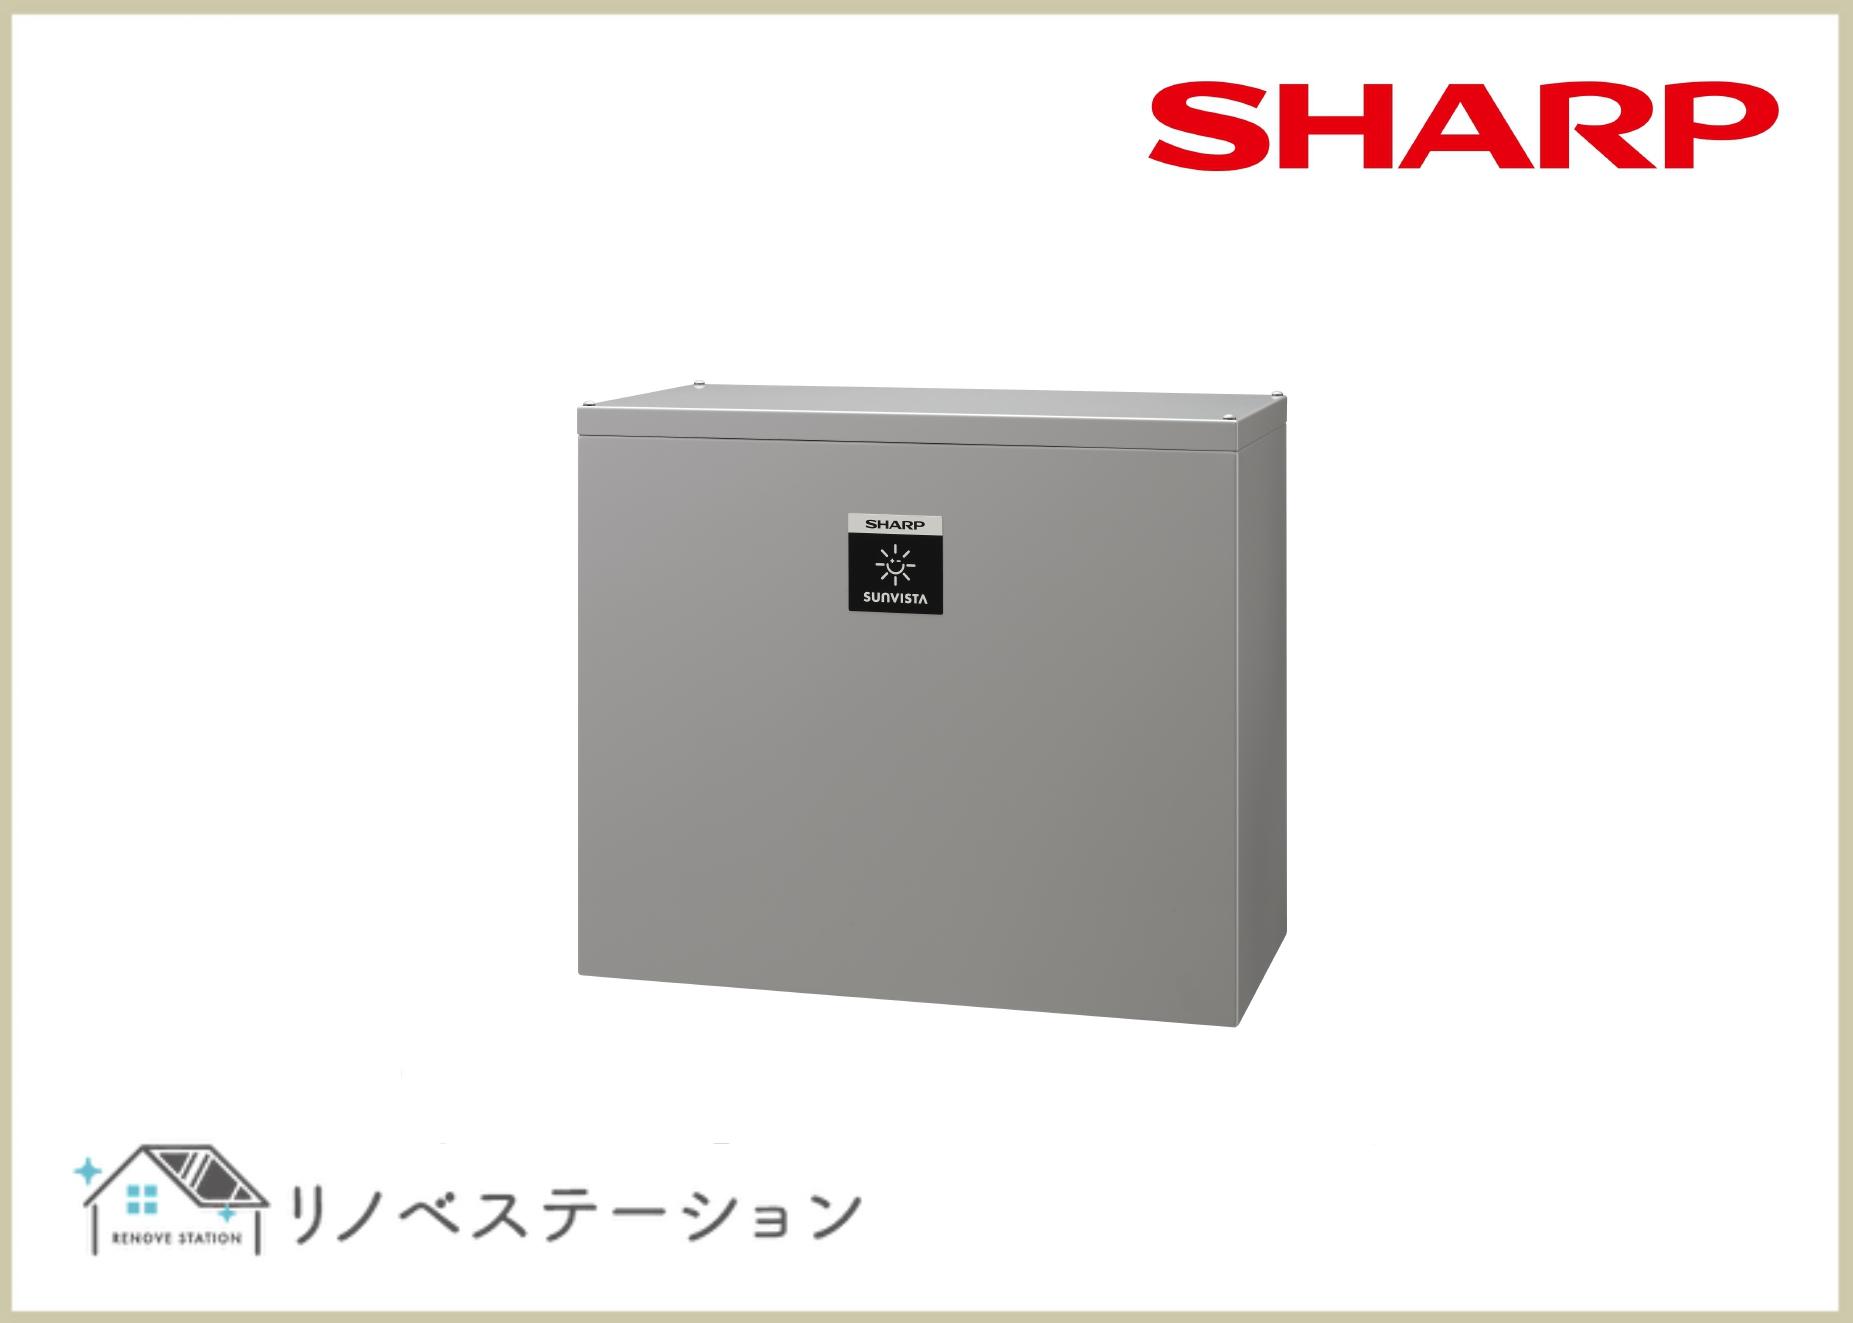 シャープ JH-WB1622